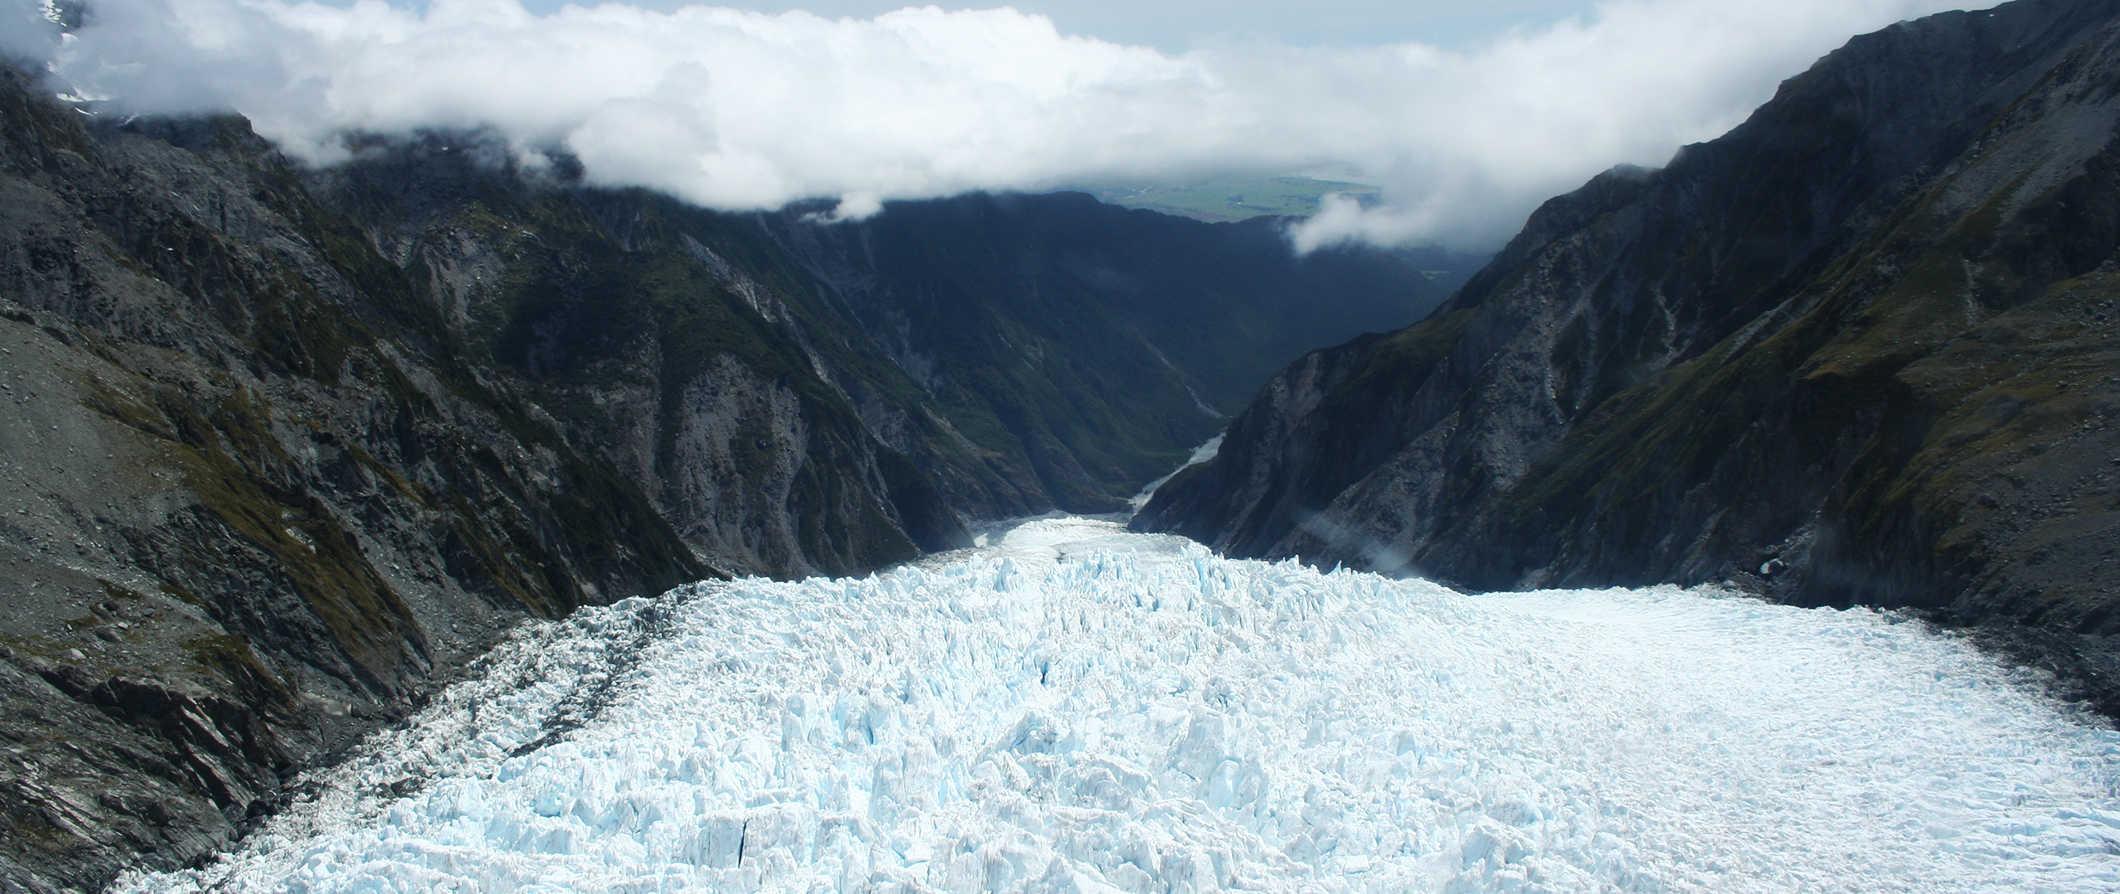 the Franz Josef glacier, New Zealand